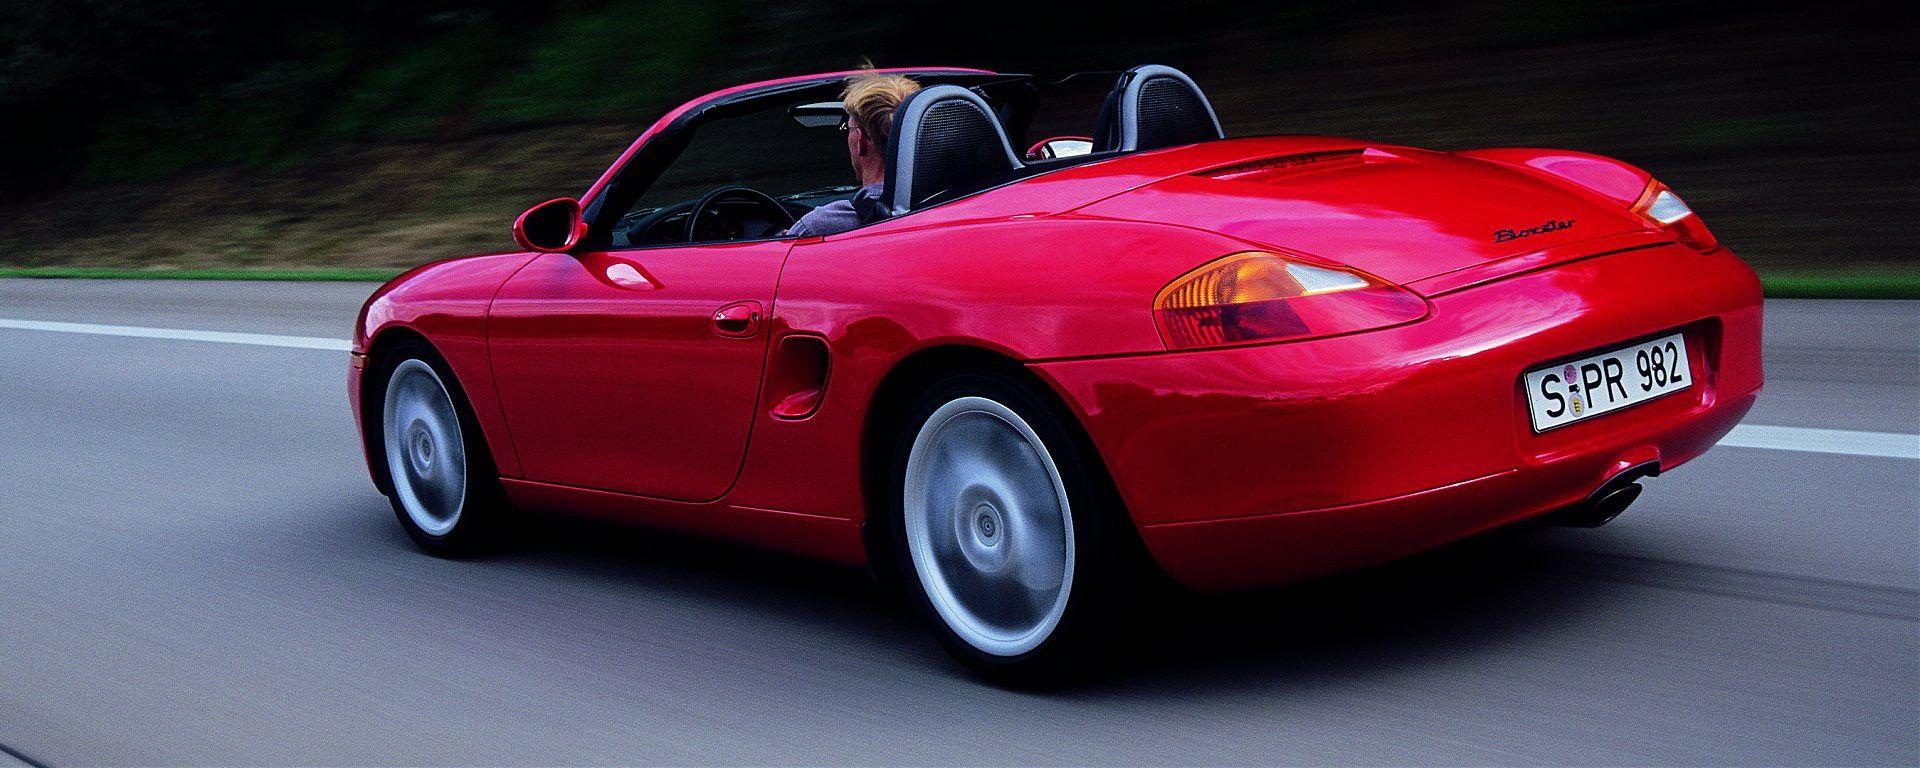 Guidare oggi la Porsche Boxster 986